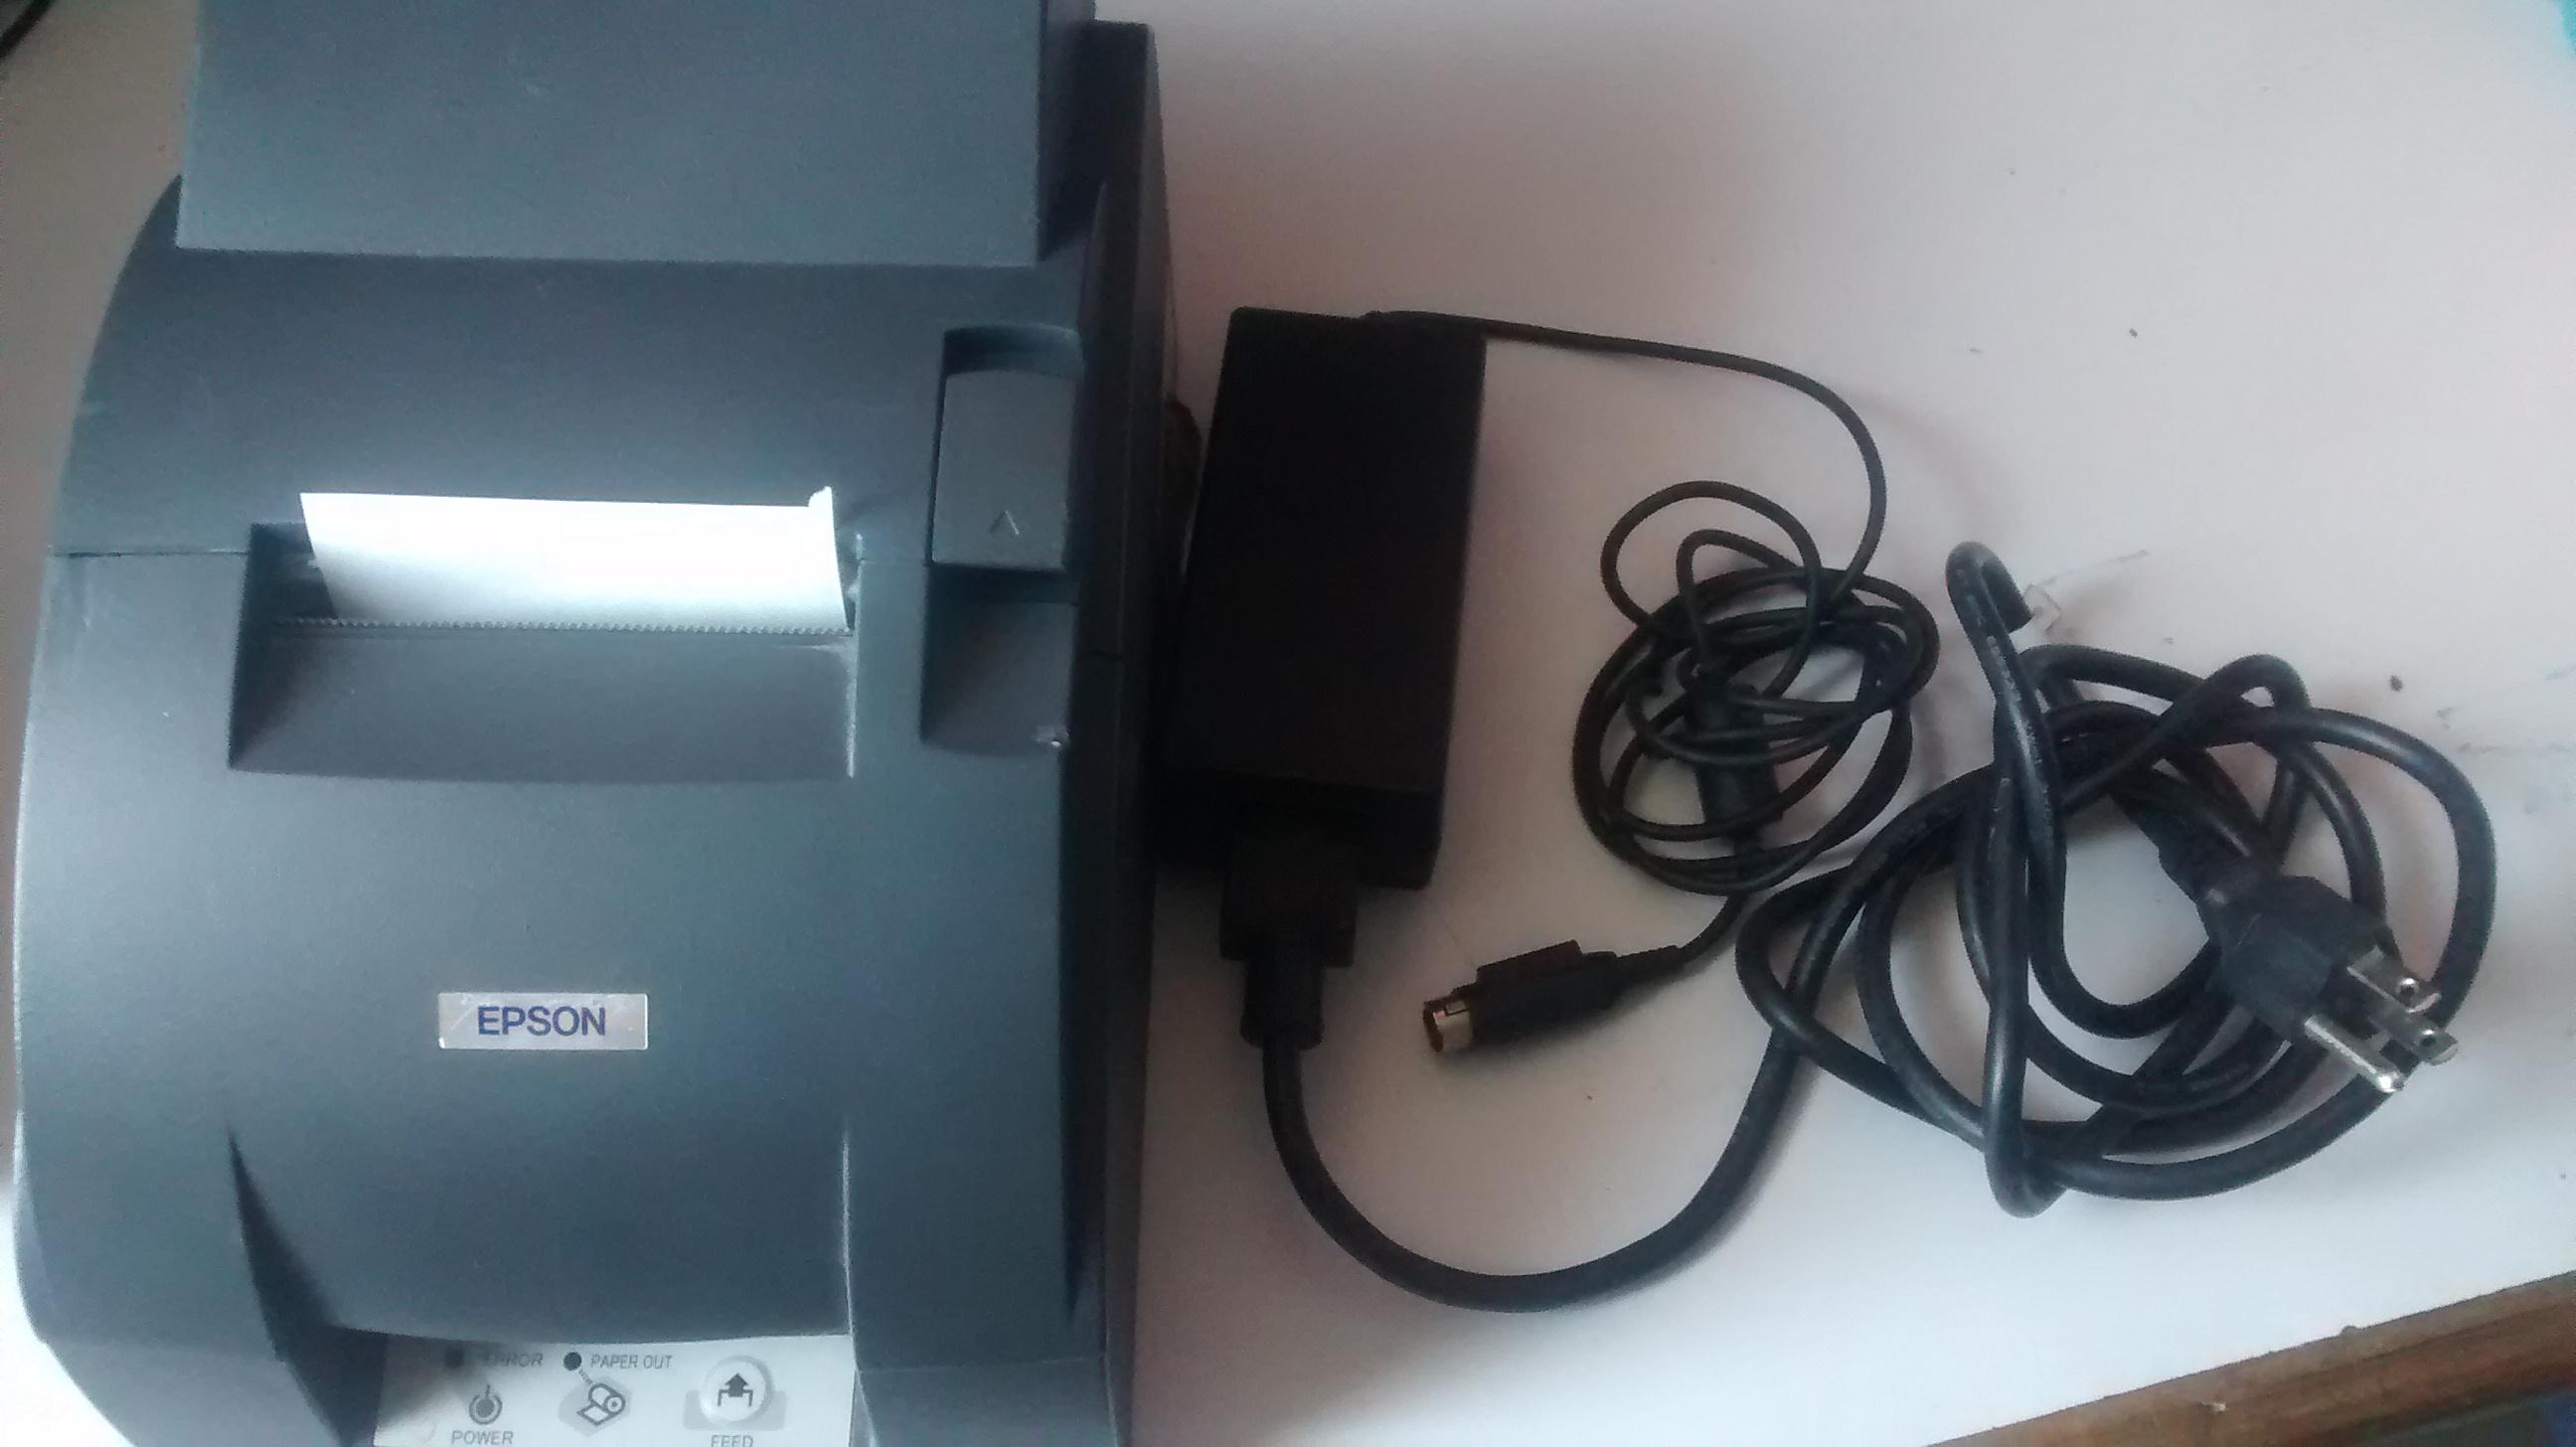 Impresora tmu 220a conexión USB completa